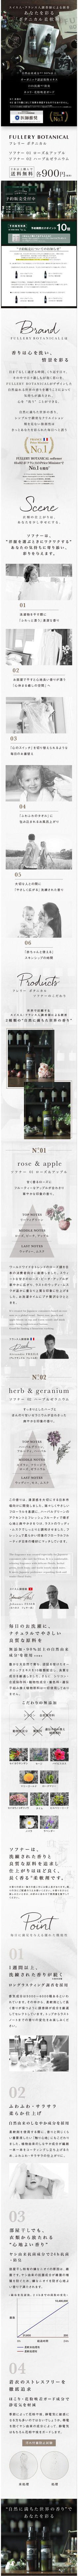 FULLERY BOTANICAL【スキンケア・美容商品関連】のLPデザイン。WEBデザイナーさん必見!スマホランディングページのデザイン参考に(シンプル系)